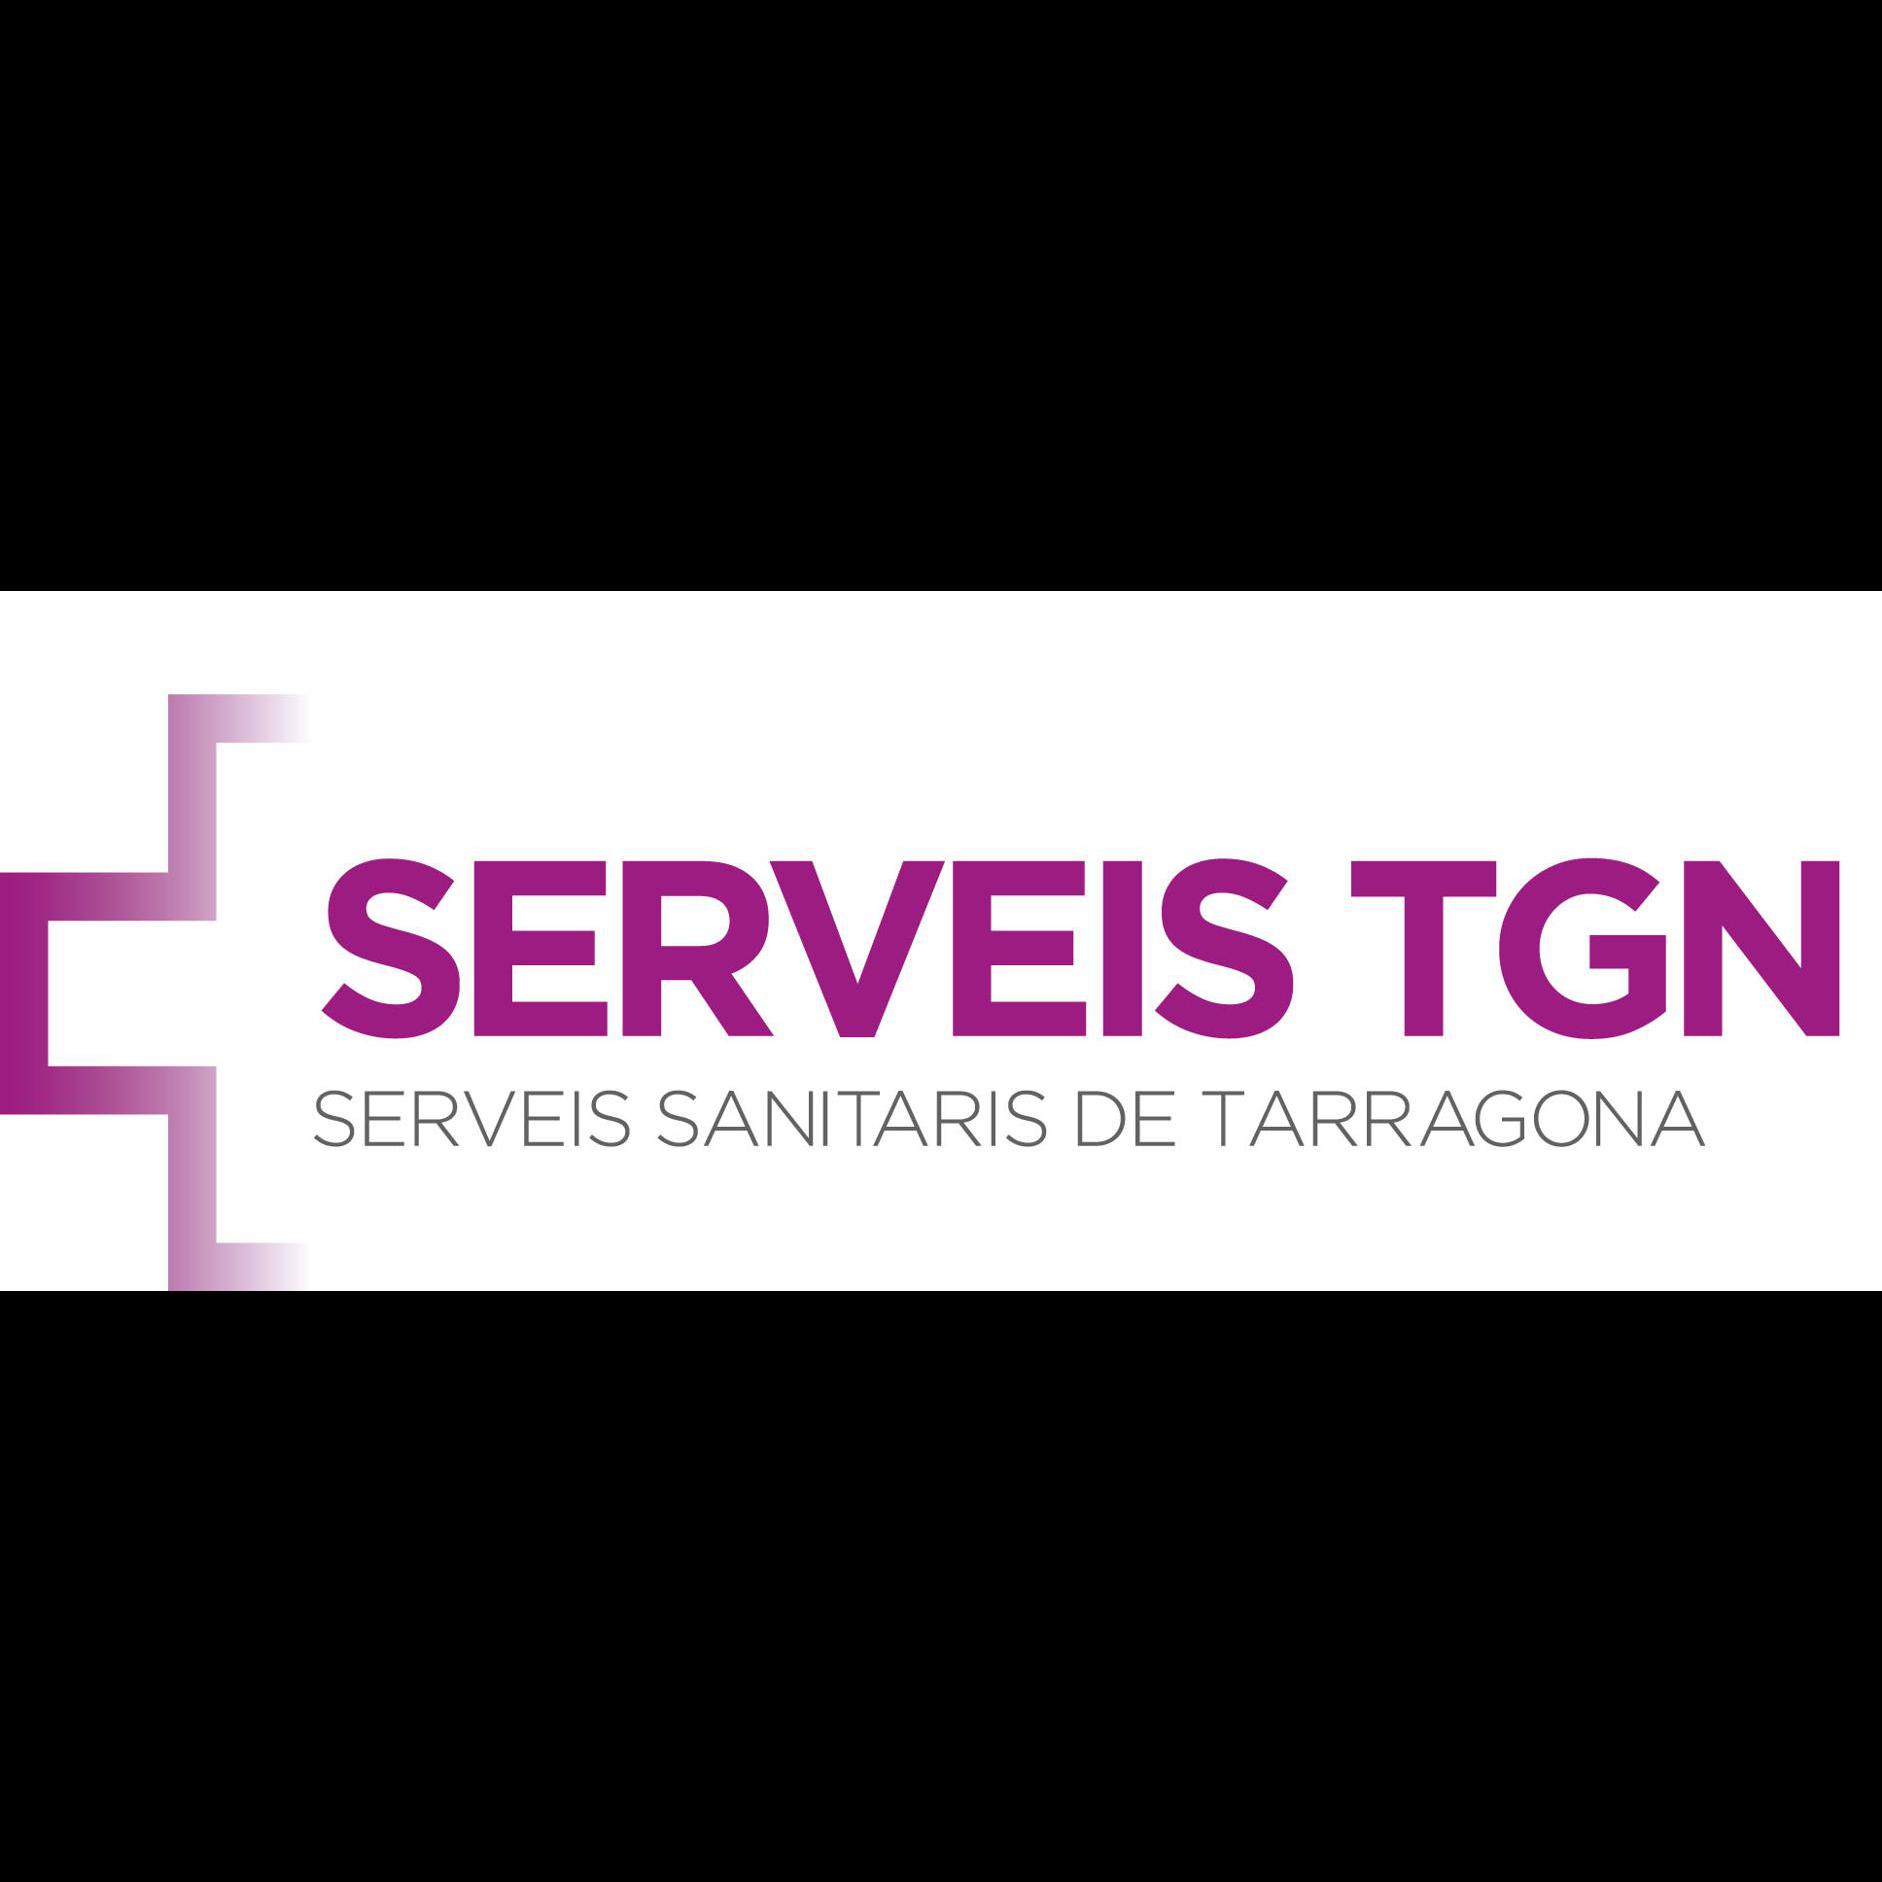 SERVEIS SANITARIS DE TARRAGONA S.L.P